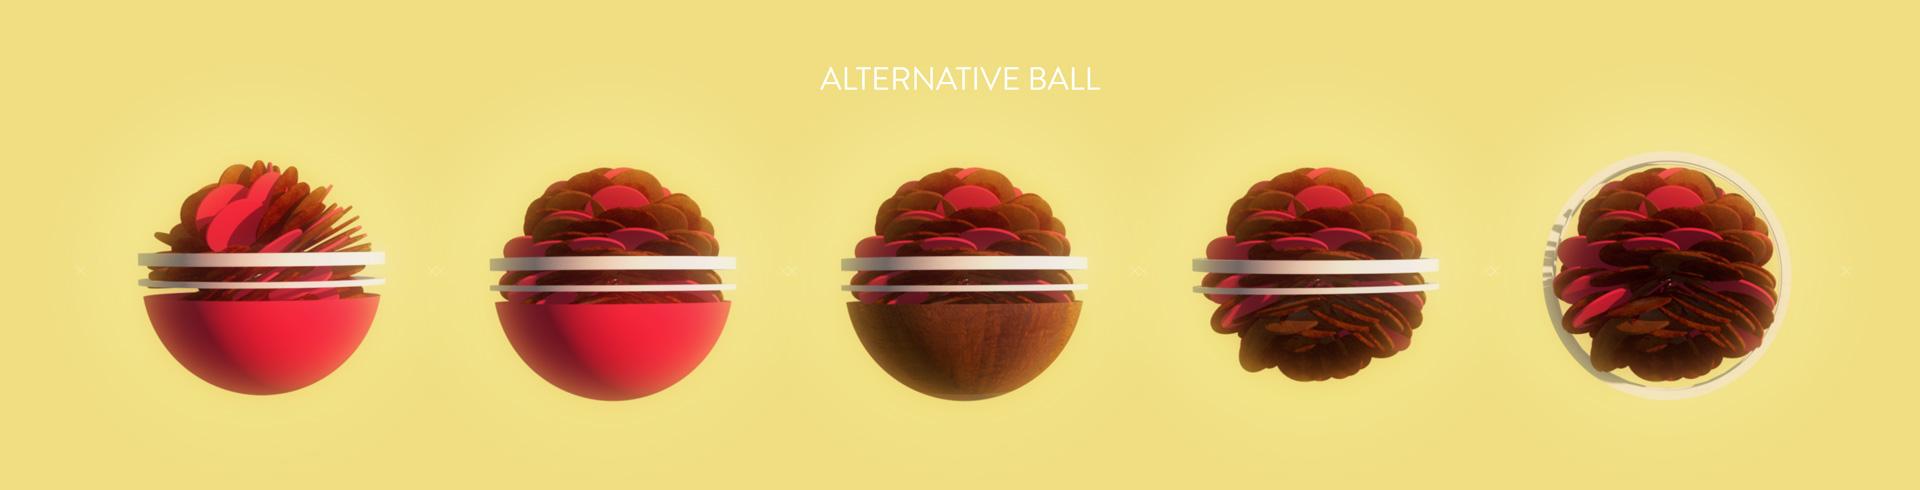 Alt_ball-01.jpg